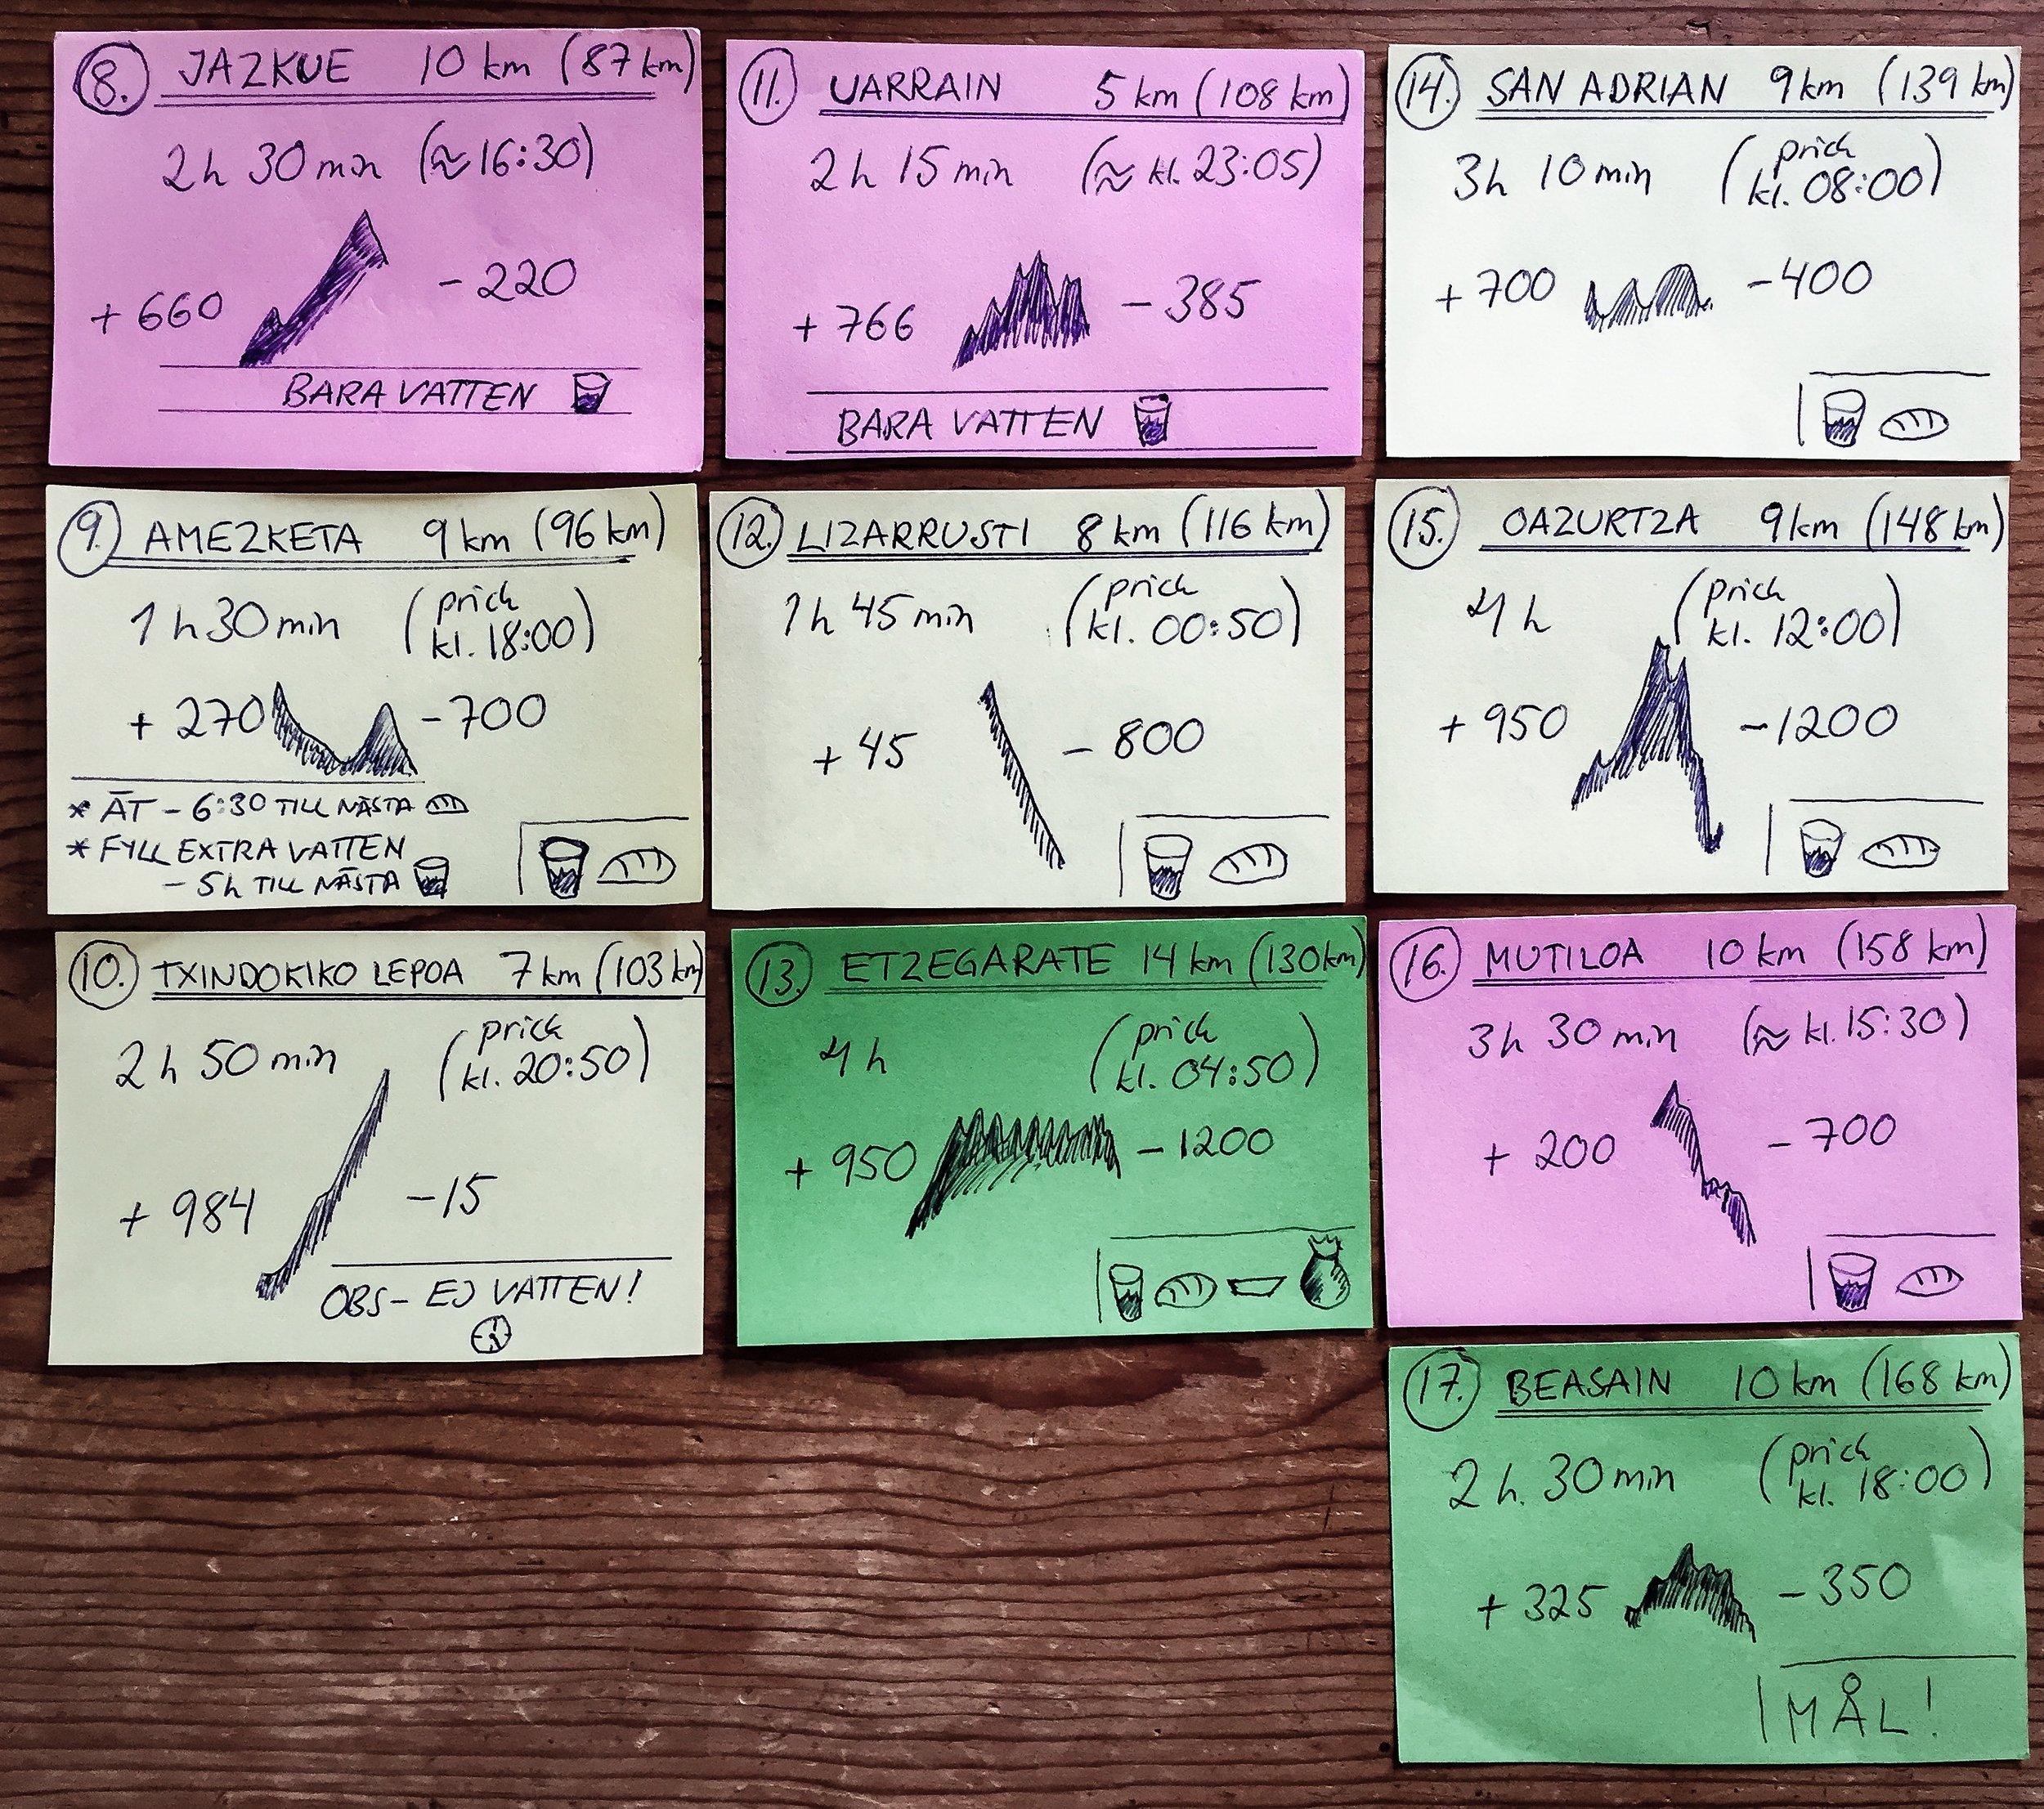 Andra halvans etapp-kort som placeras i drop-bagen halvvägs.